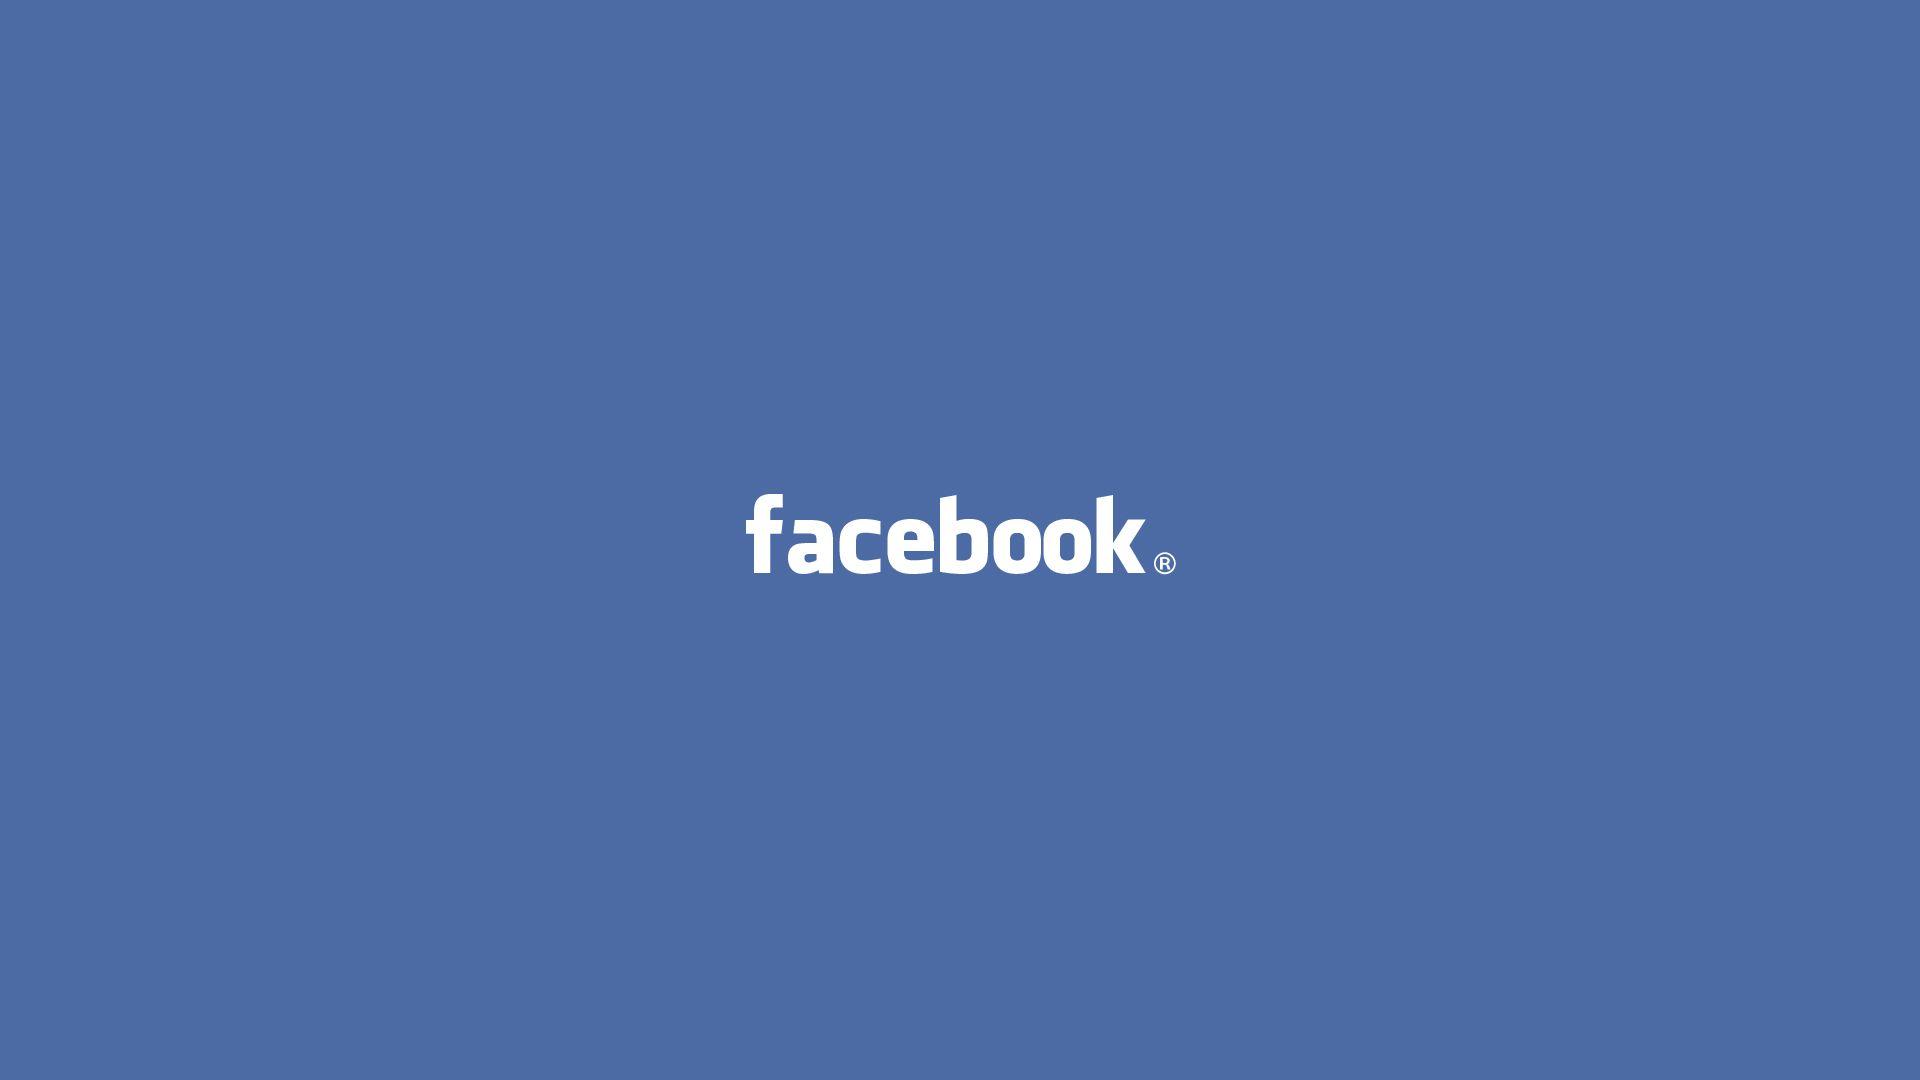 bbadv-logo-facebook-articolo-f8